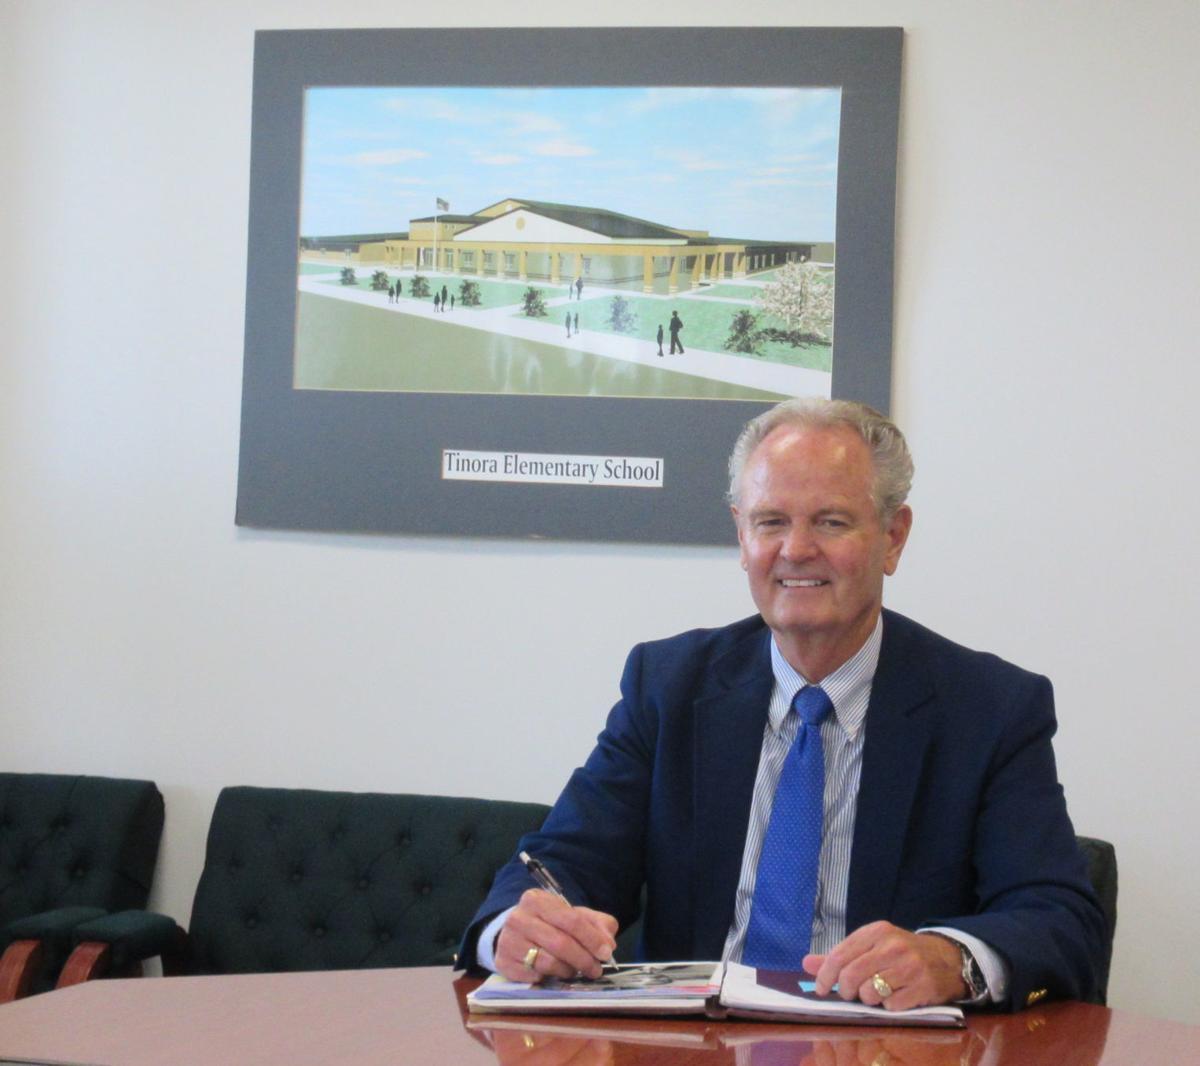 Jim Roach at desk